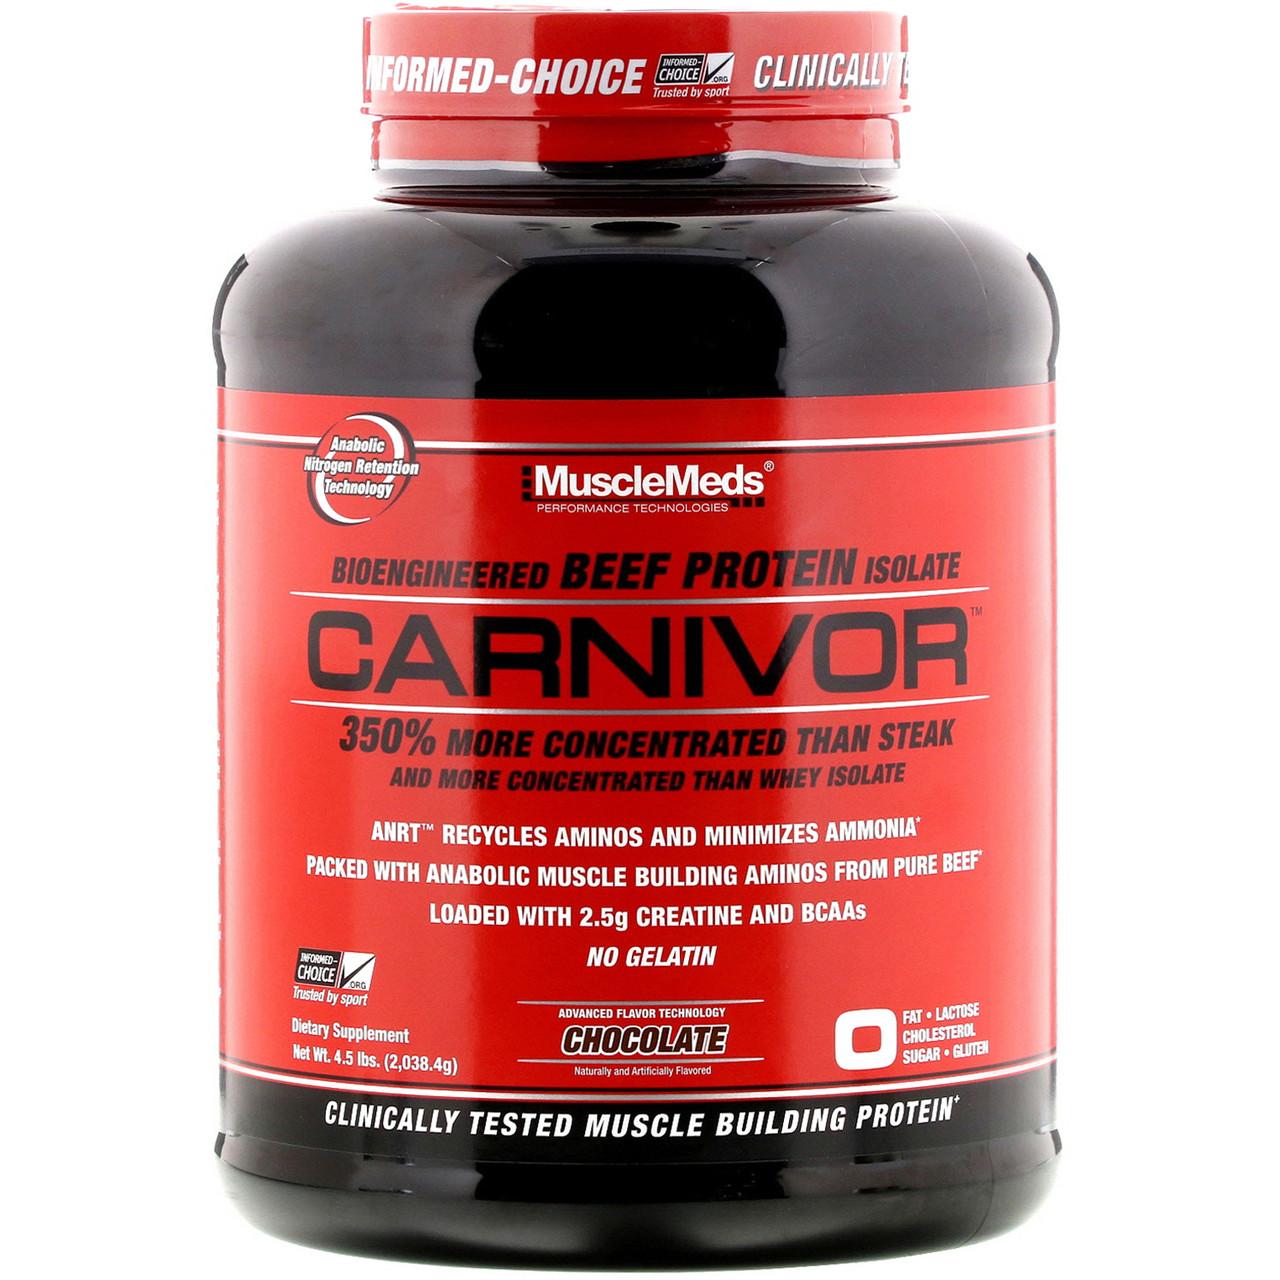 MuscleMeds, Carnivor, изолят белка говядины биоинженерной обработки, с шоколадом, 4.6 фунтов (2072 г)